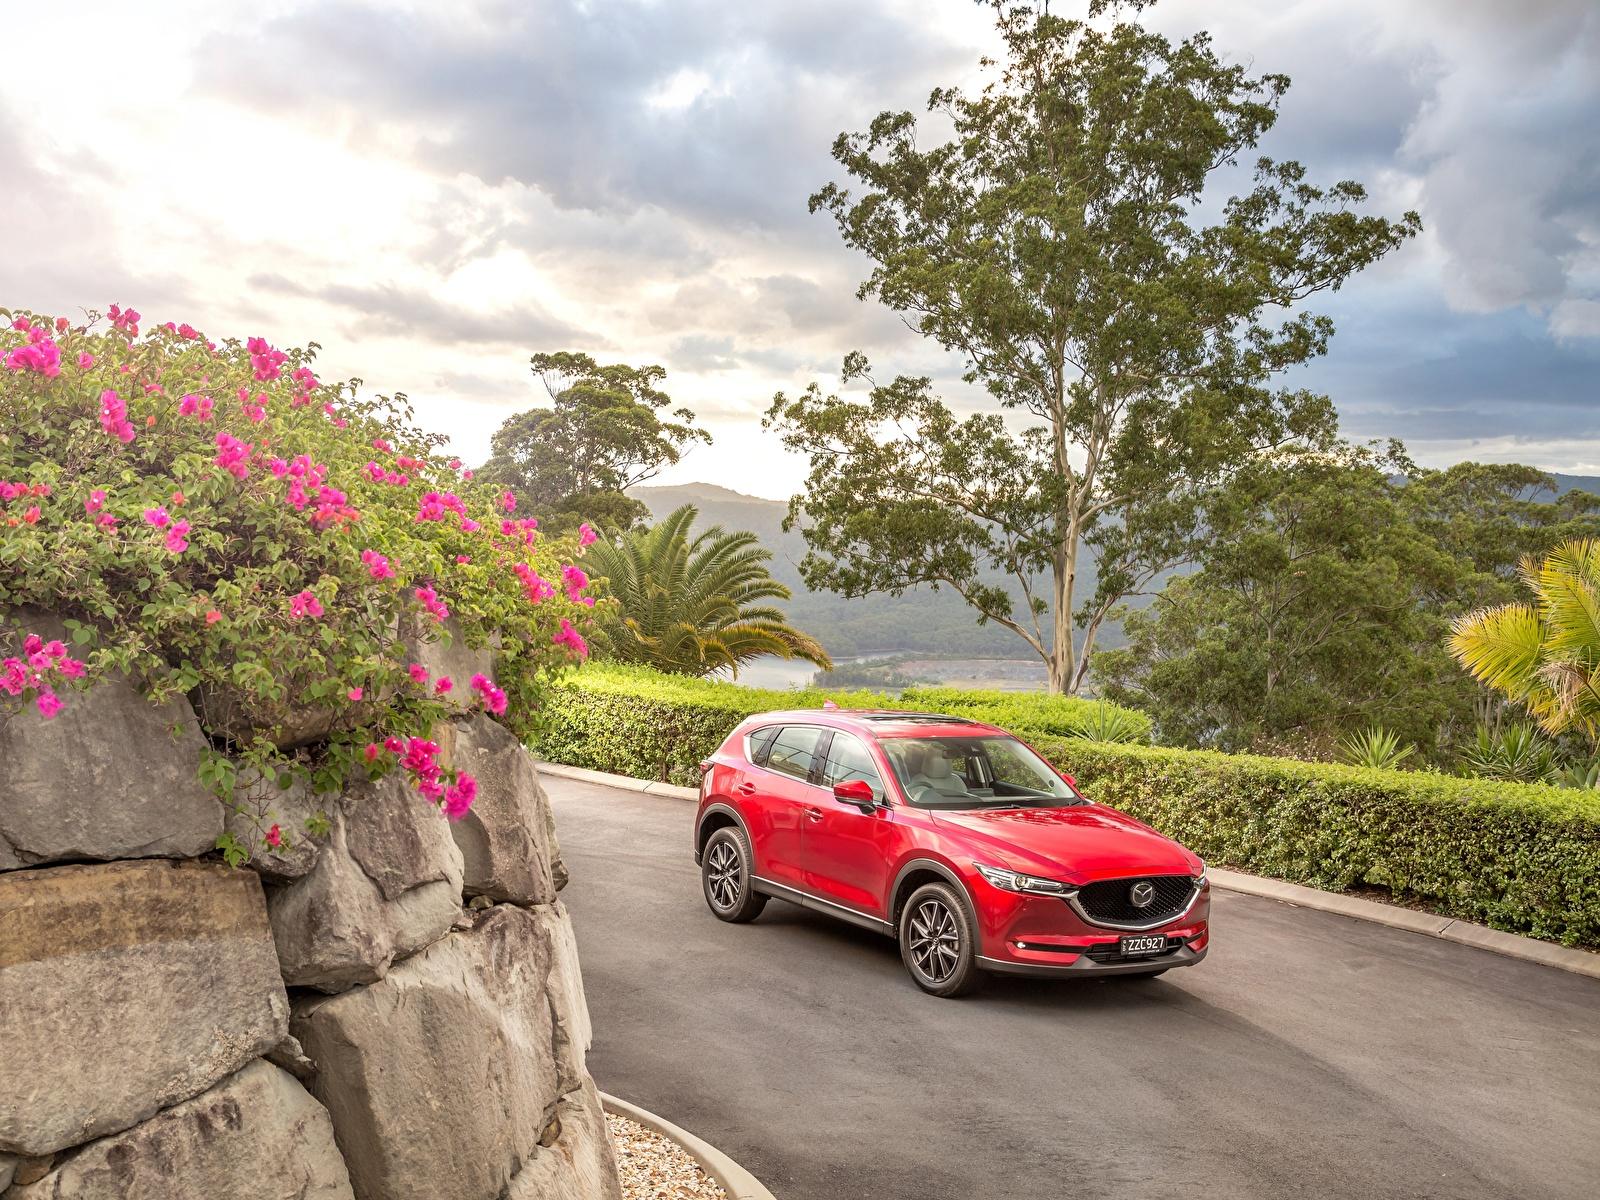 Картинка Mazda 2017 CX-5 Akera красных машина Металлик 1600x1200 Мазда Красный красные красная авто машины автомобиль Автомобили